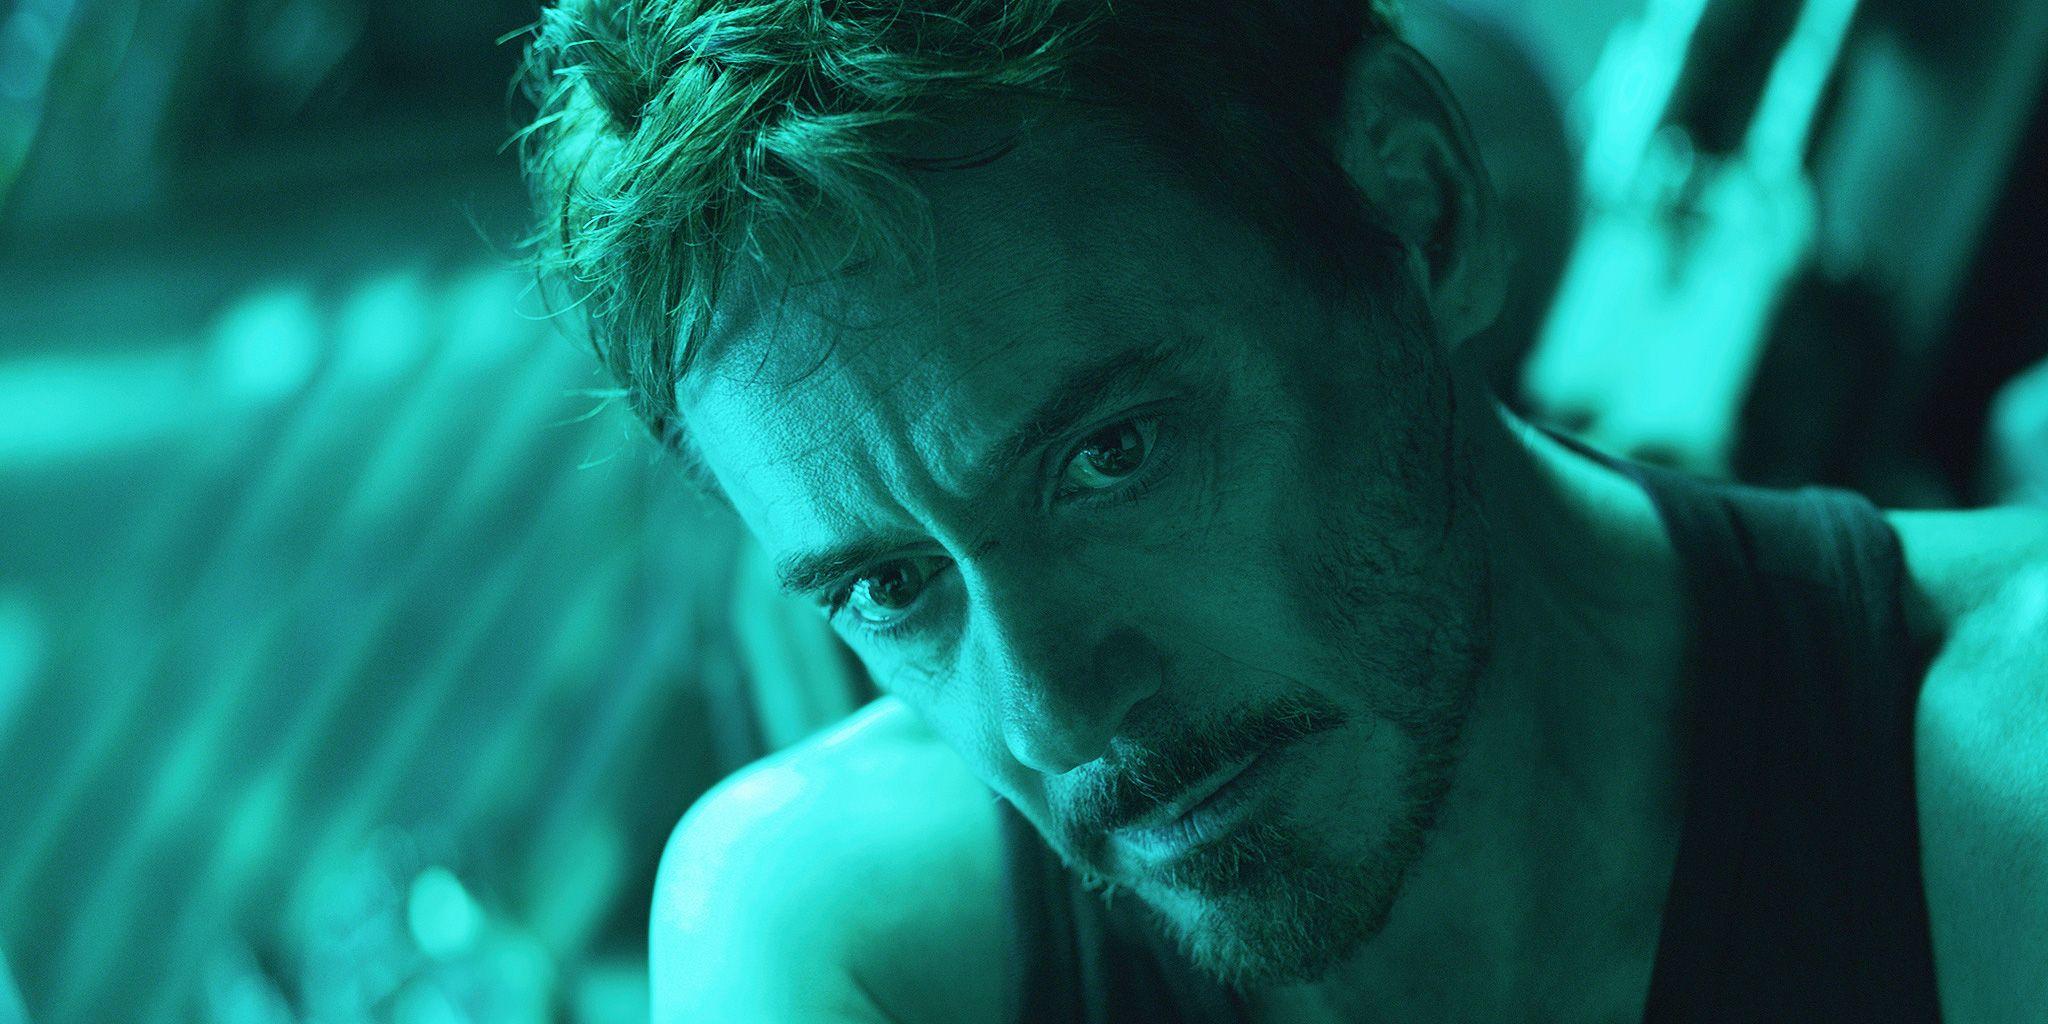 Avengers: Endgame, Iron Man, Robert Downey Jr.